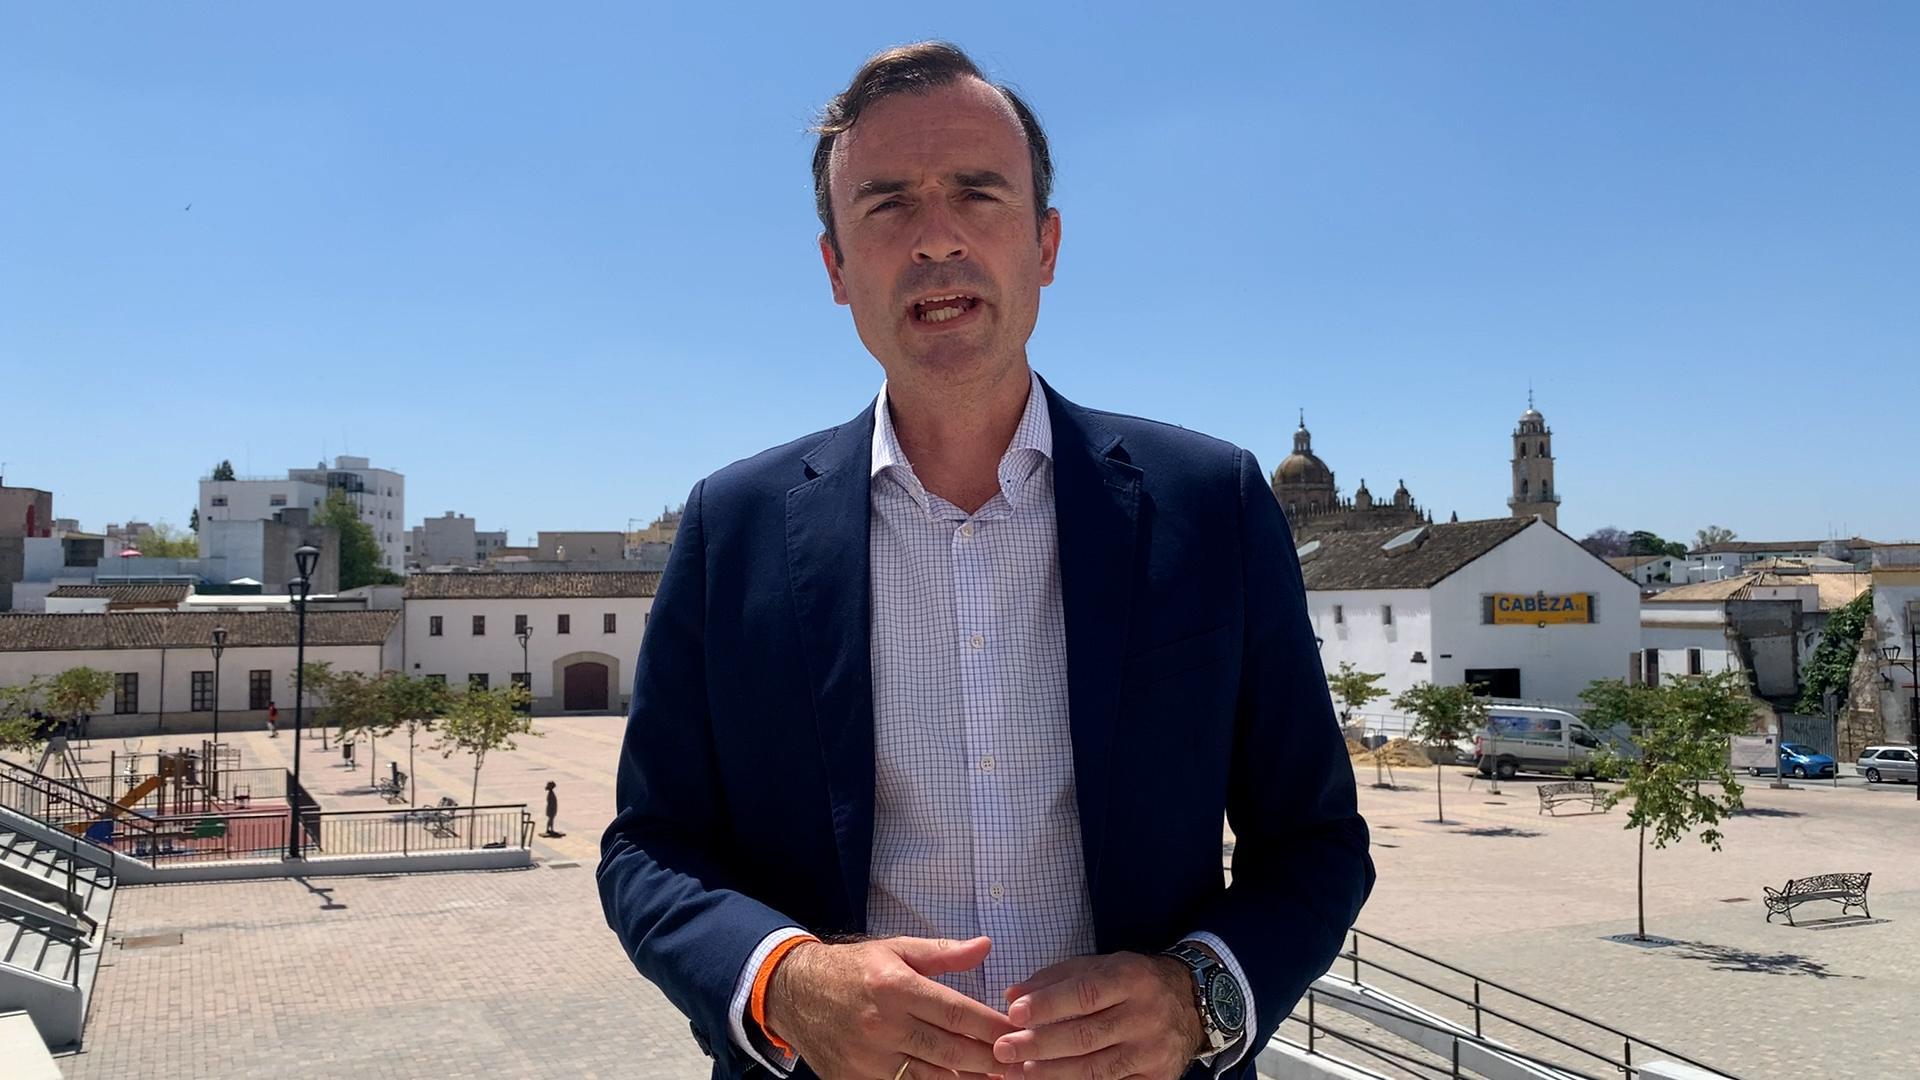 Ciudadanos propone la creación de una Ruta Oficial del Flamenco en Jerez como incentivo cultural y turístico